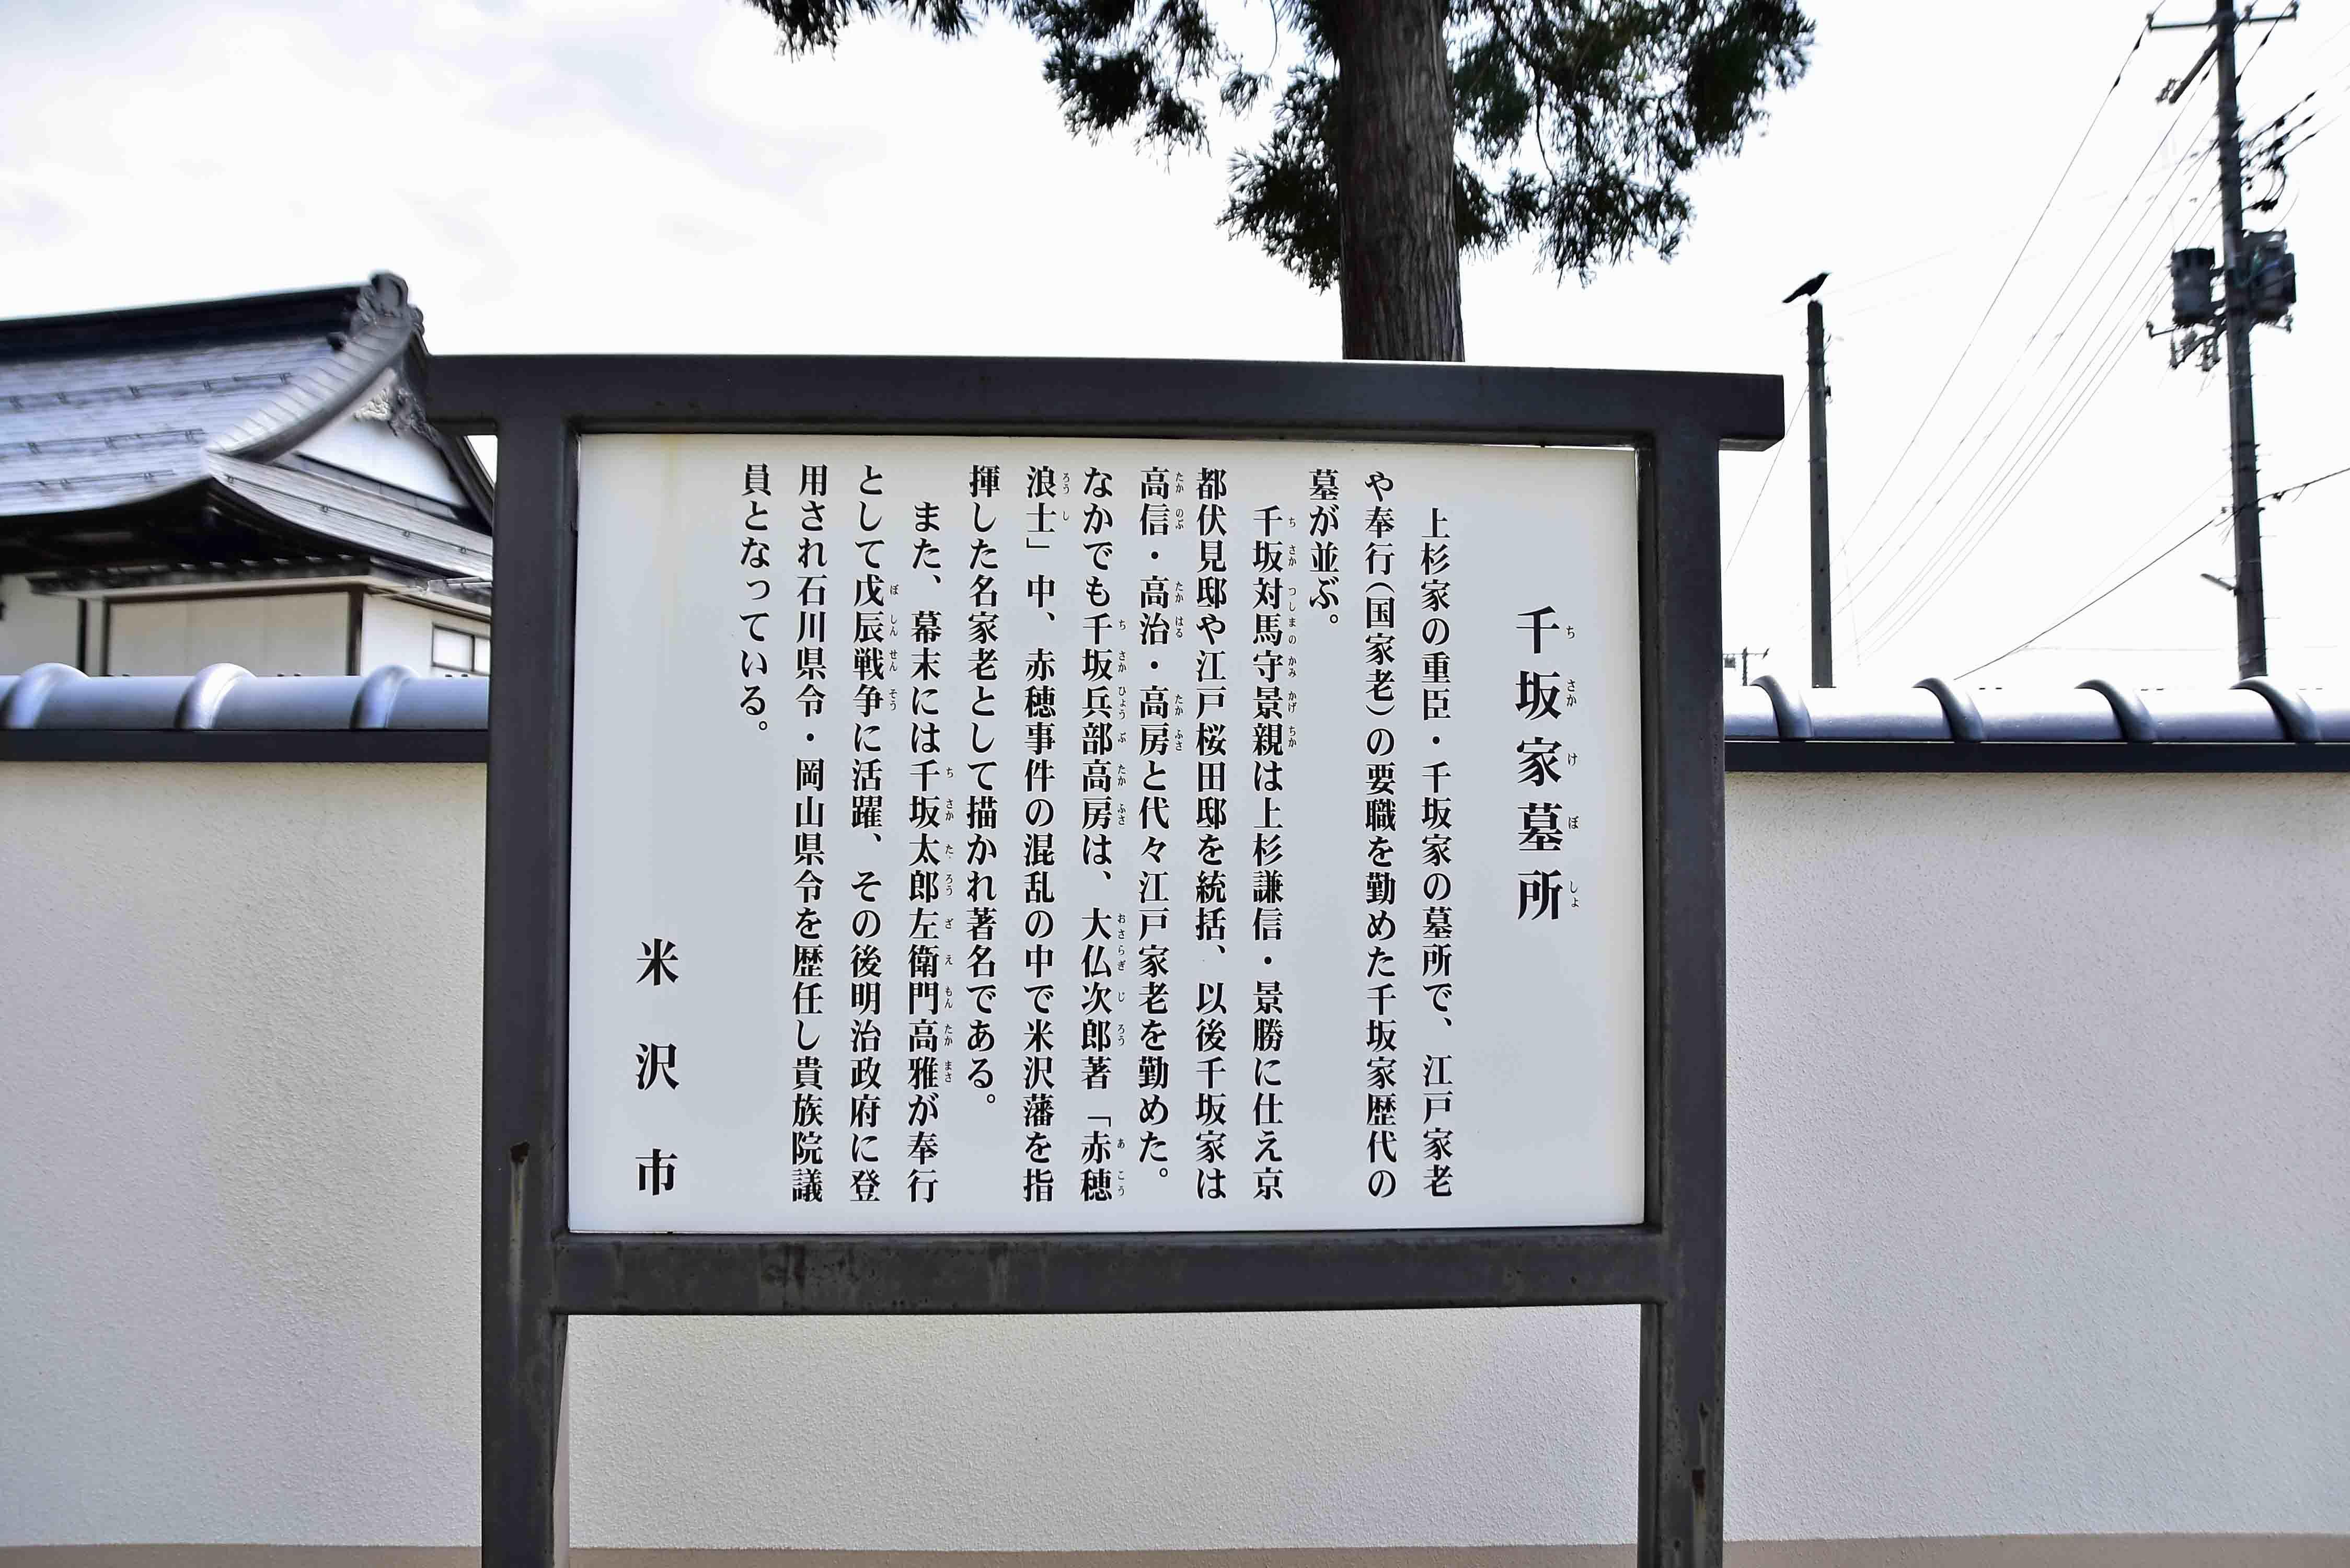 日超寺 千坂家墓所説明板